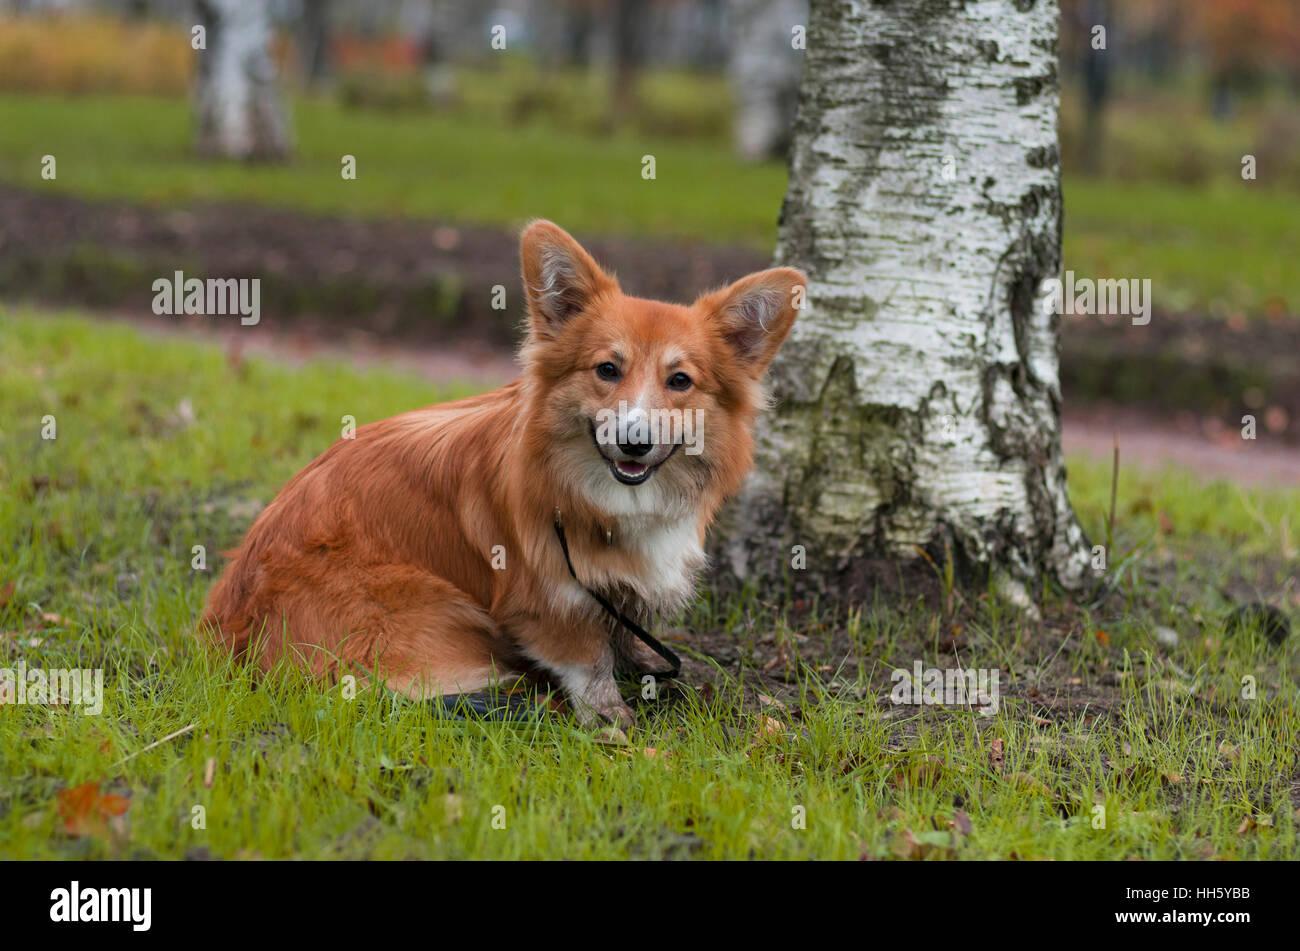 Foto de un curioso perro (raza Welsh Corgi pembroke corgi esponjosos, de color rojo) sentado cerca de la vara sobre la hierba verde Foto de stock